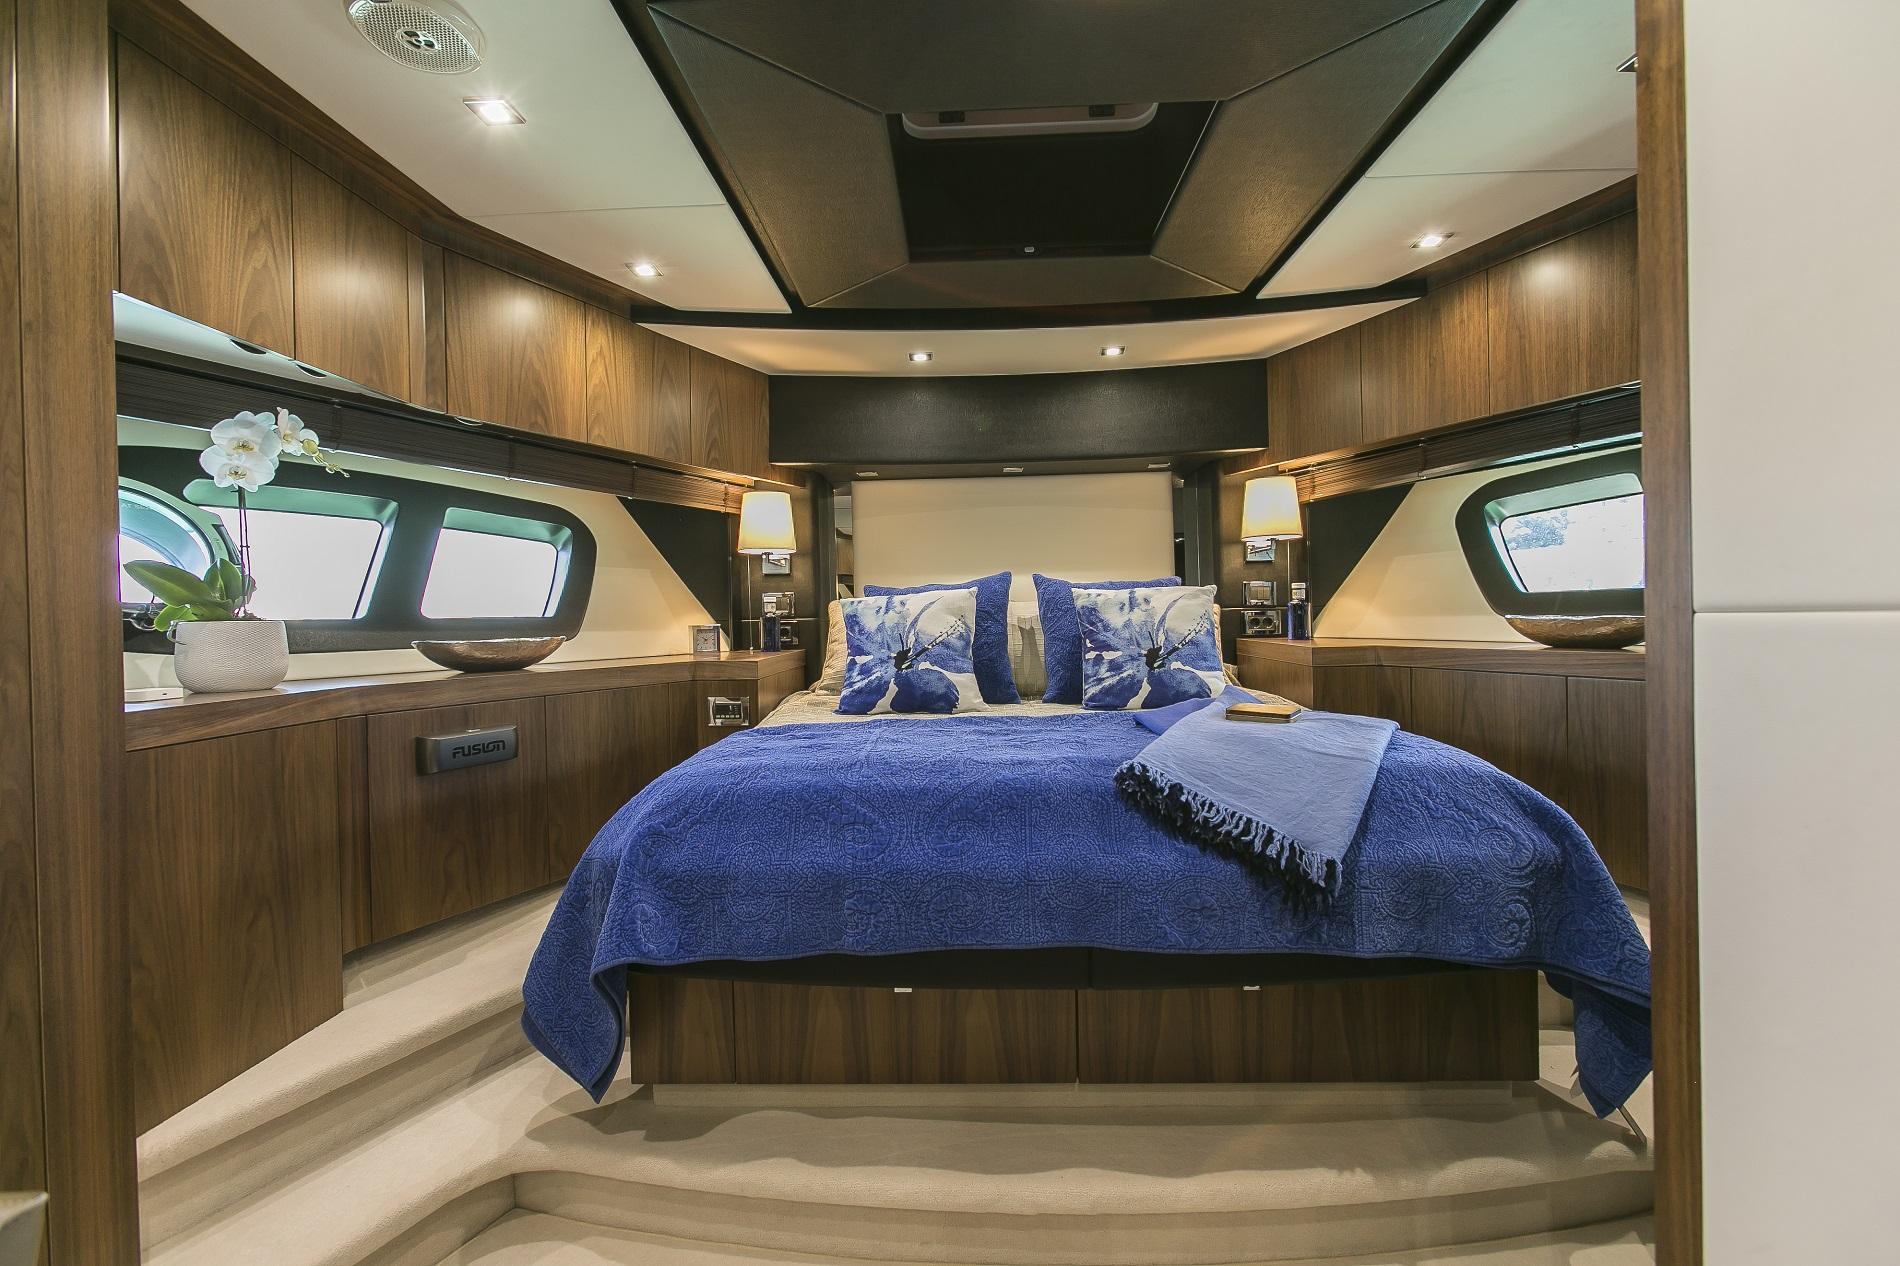 Sunseeker yacht 73M - VIP cabin